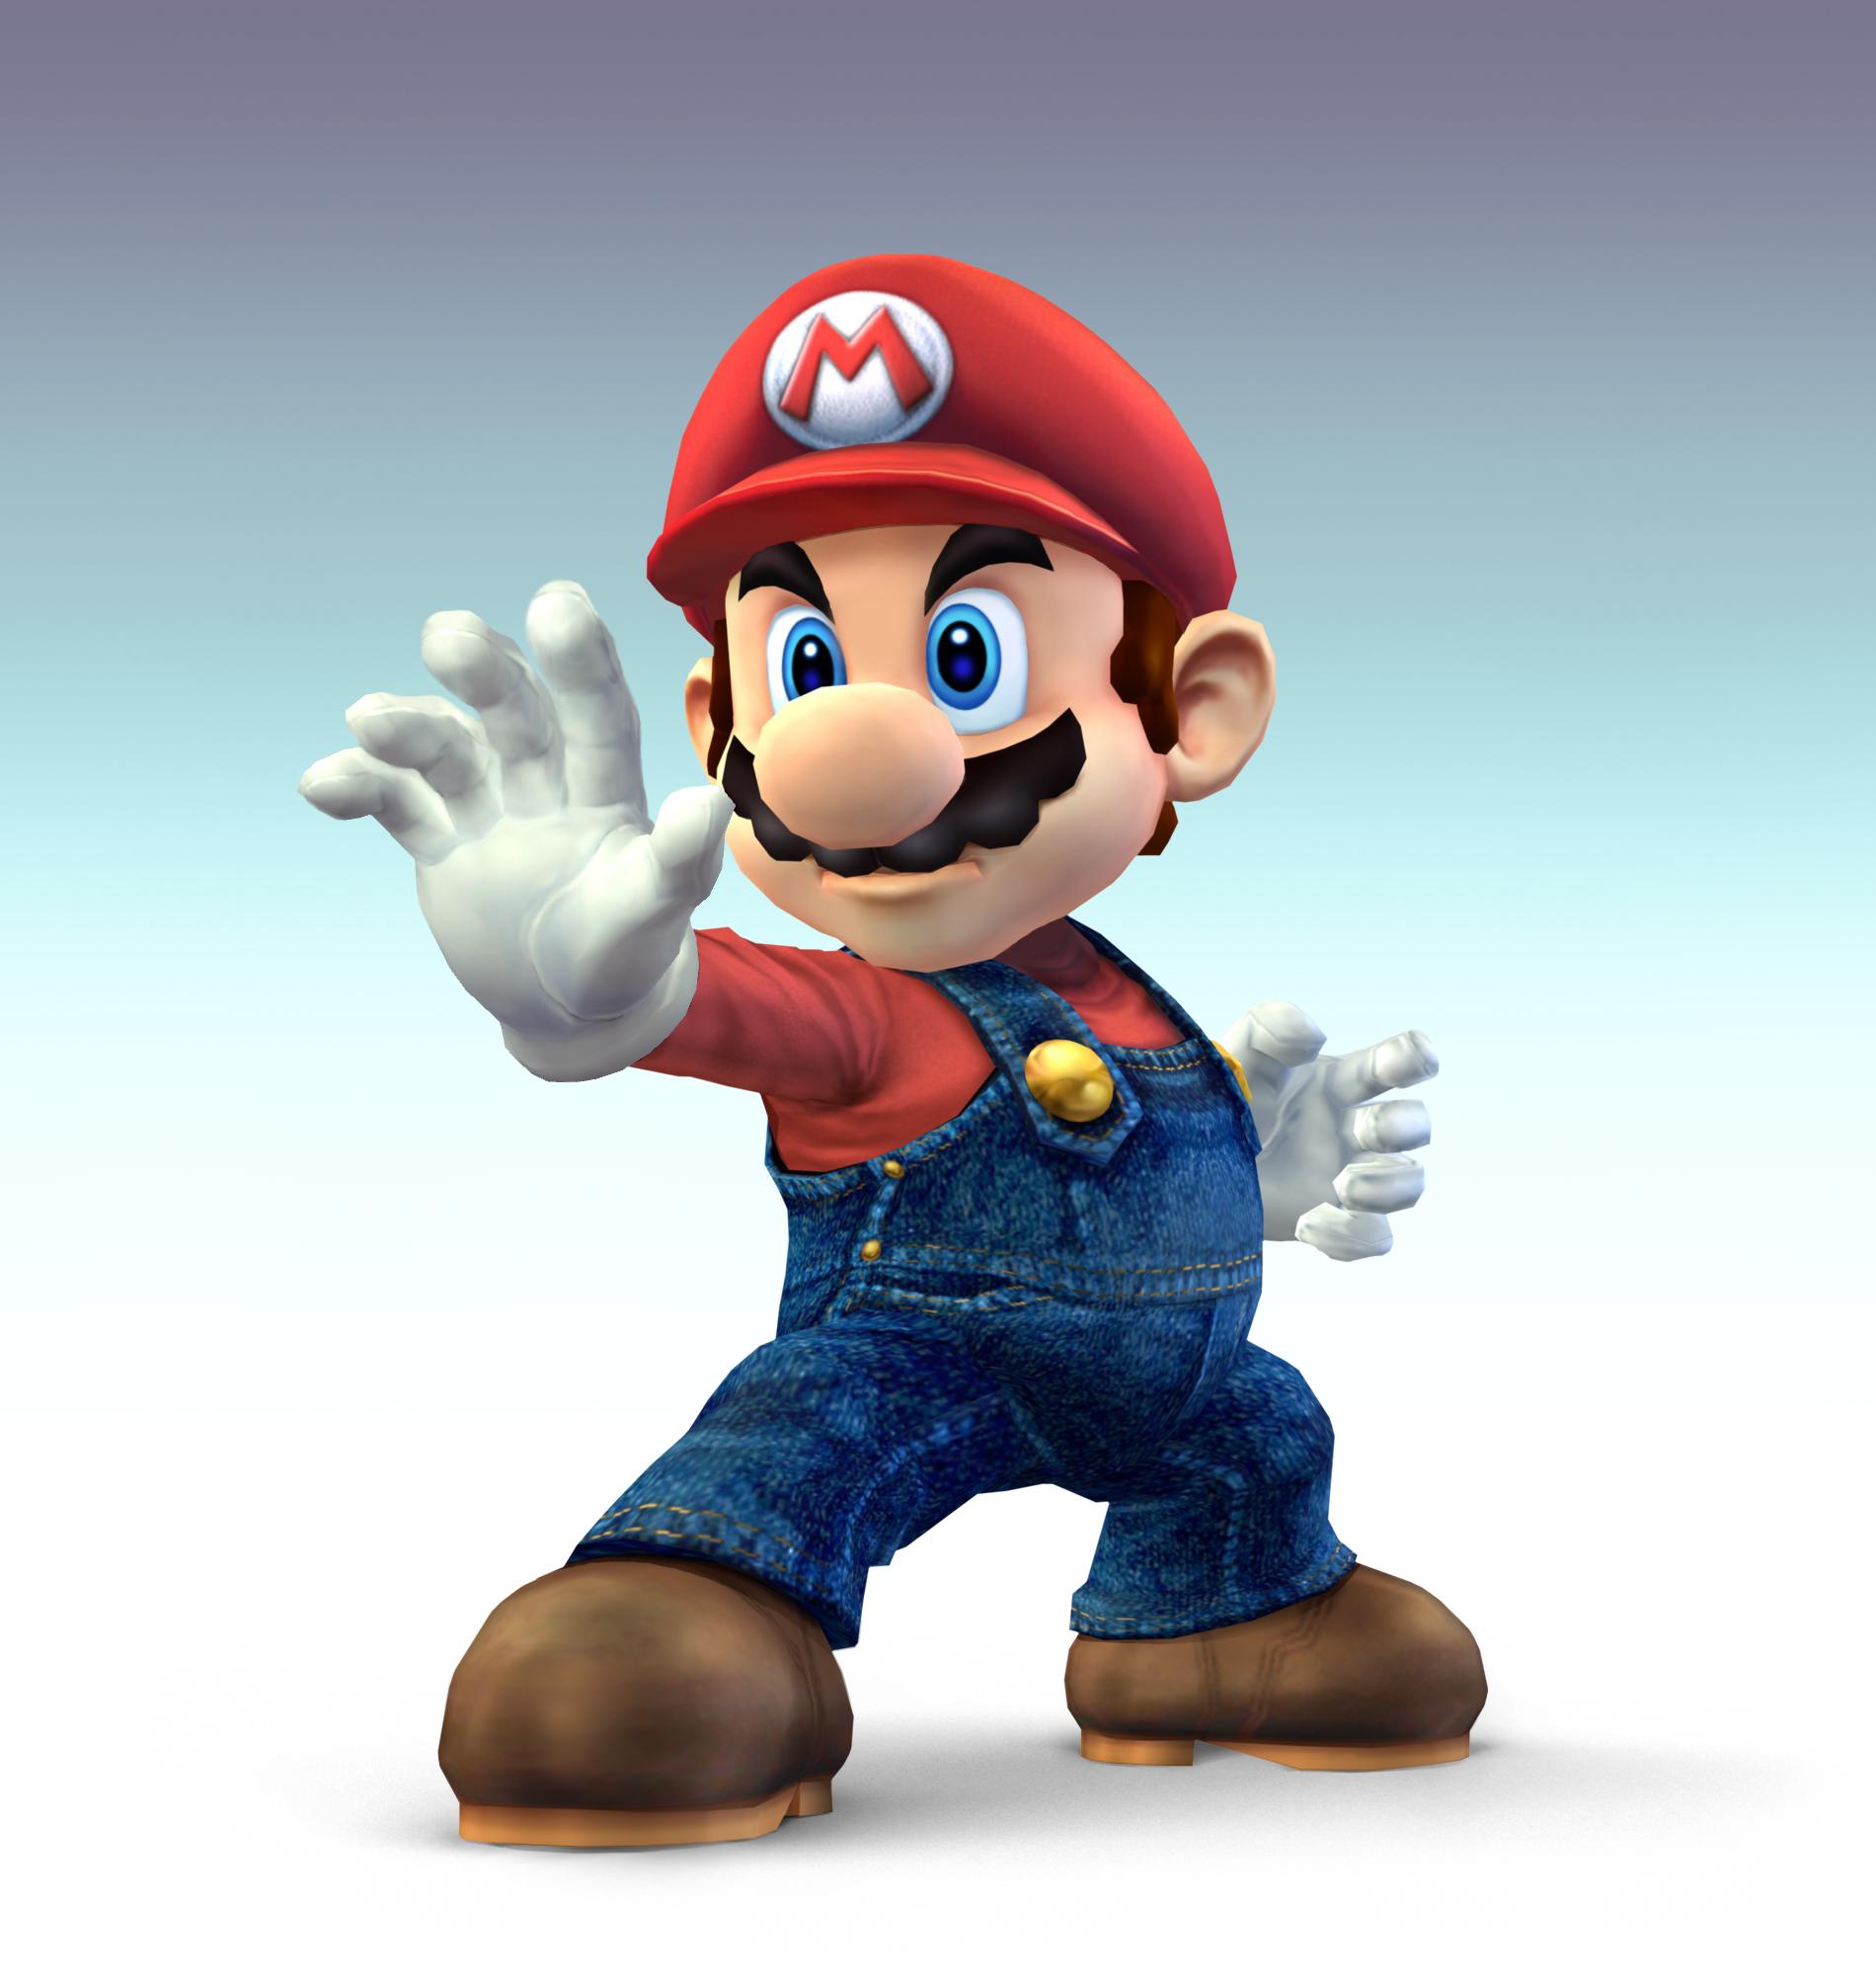 Mario CG Art Normal MarioSymbol Universe Super Appears In Smash Bros